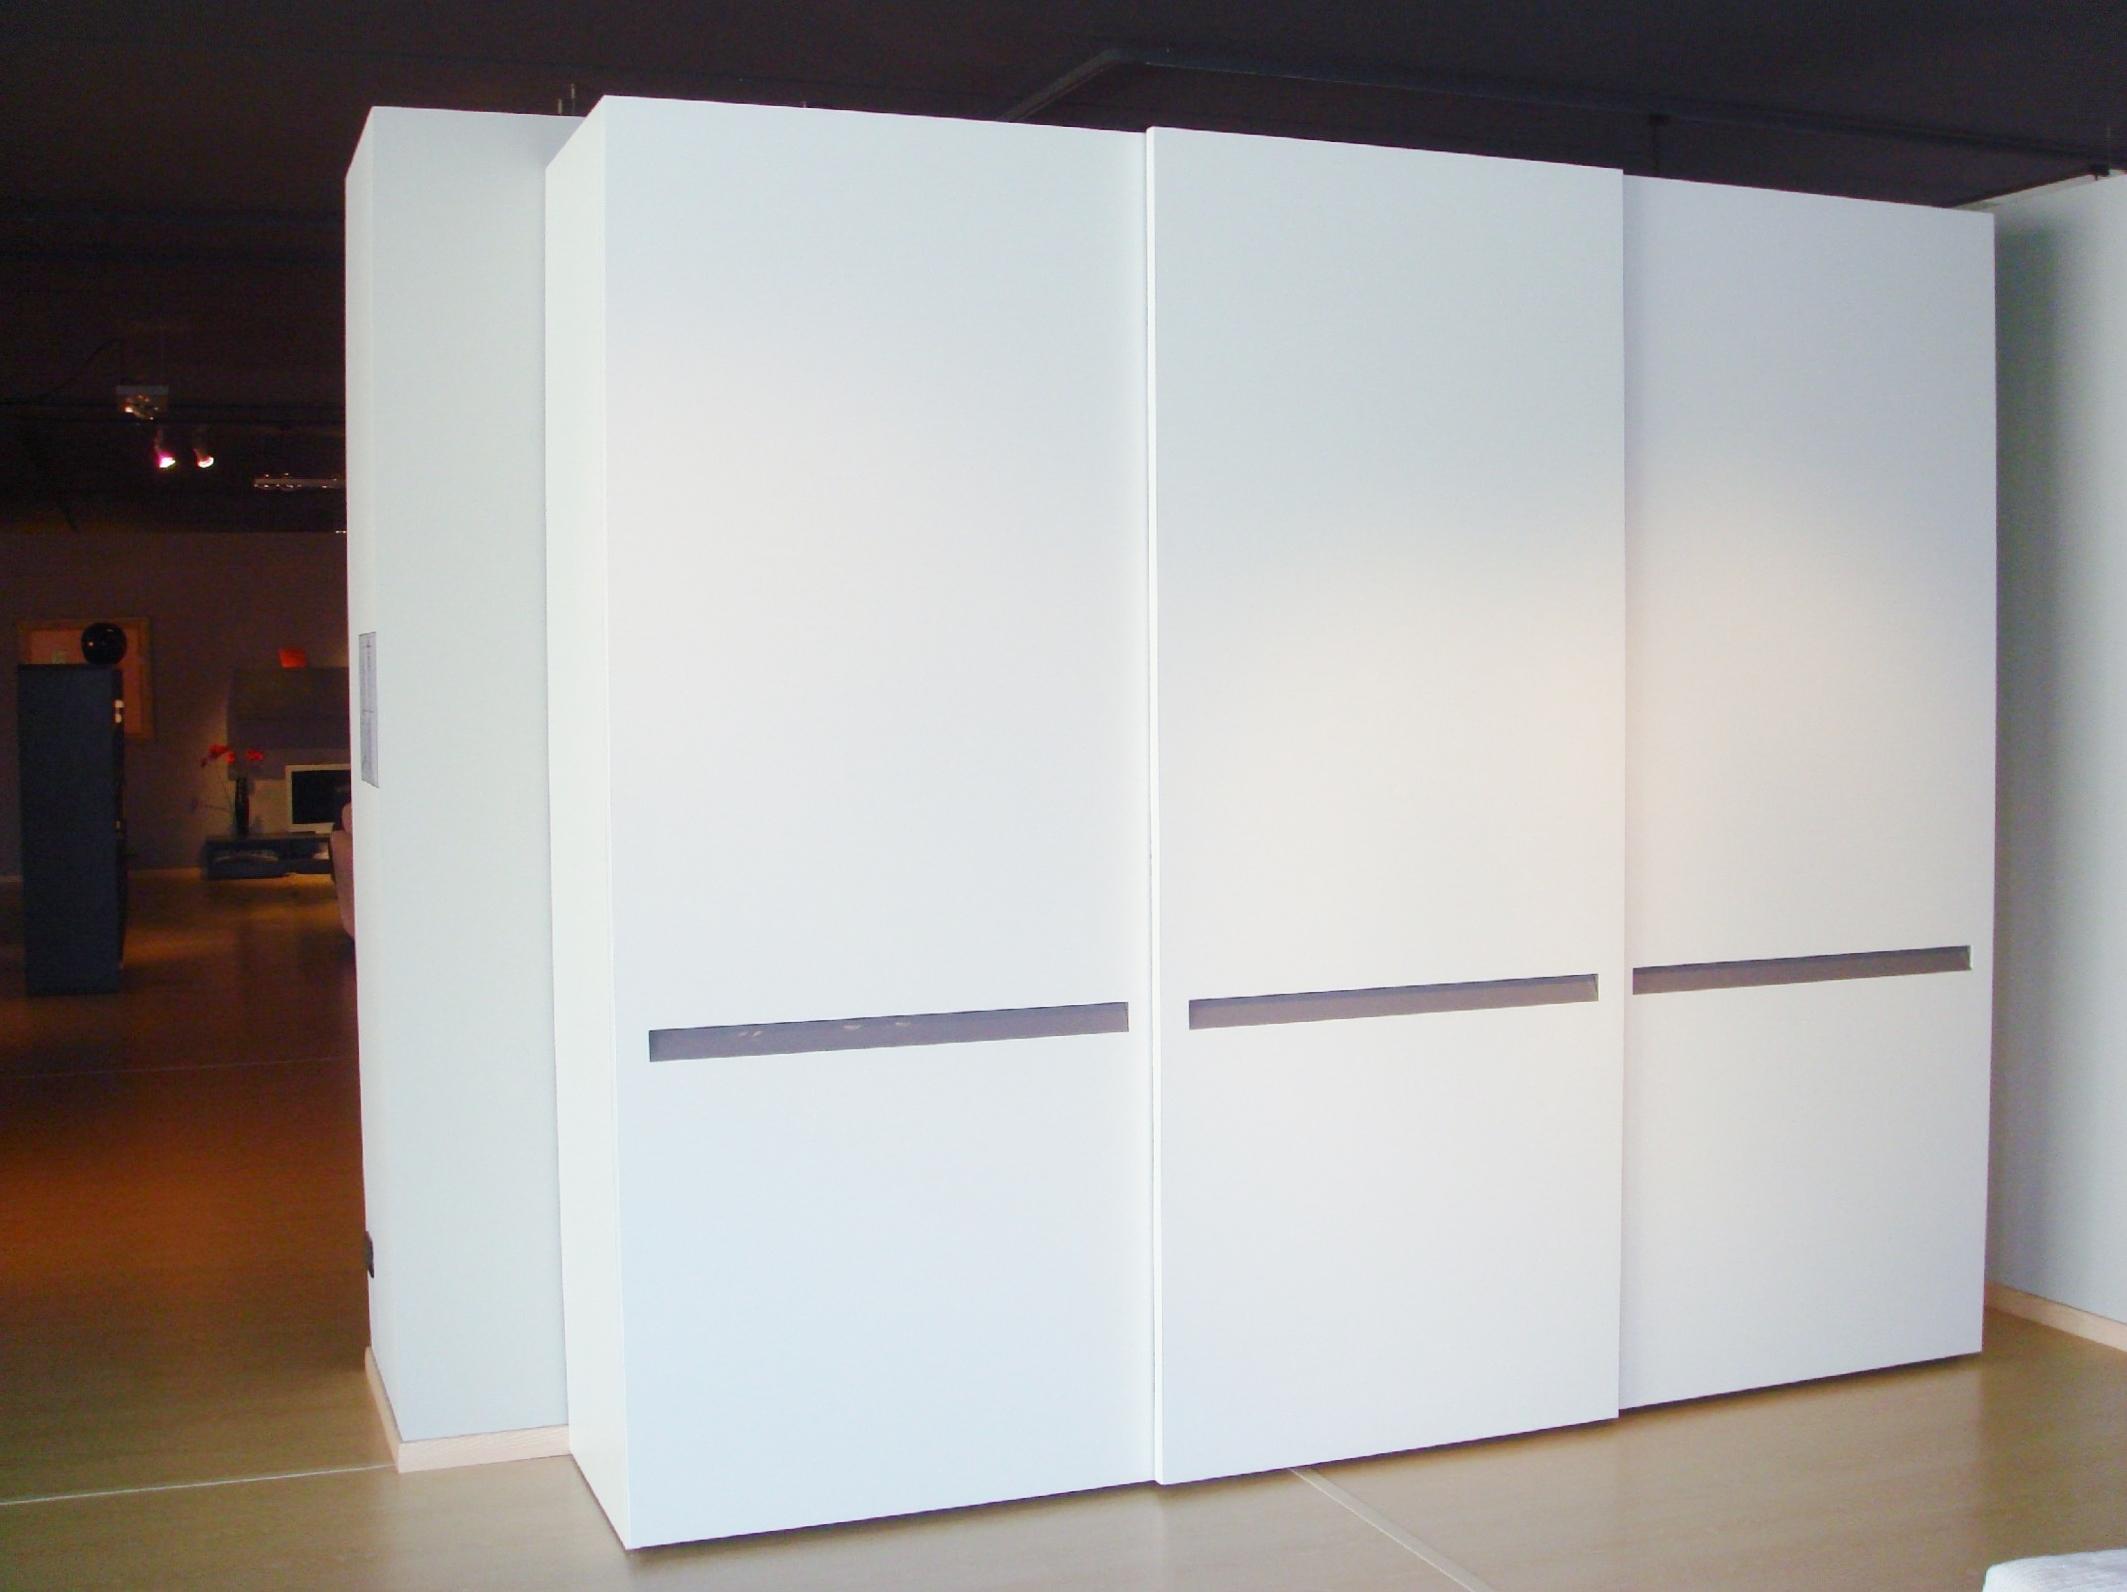 Camera rossetto arredamenti lounge scontato del 60 for Rossetto arredamenti